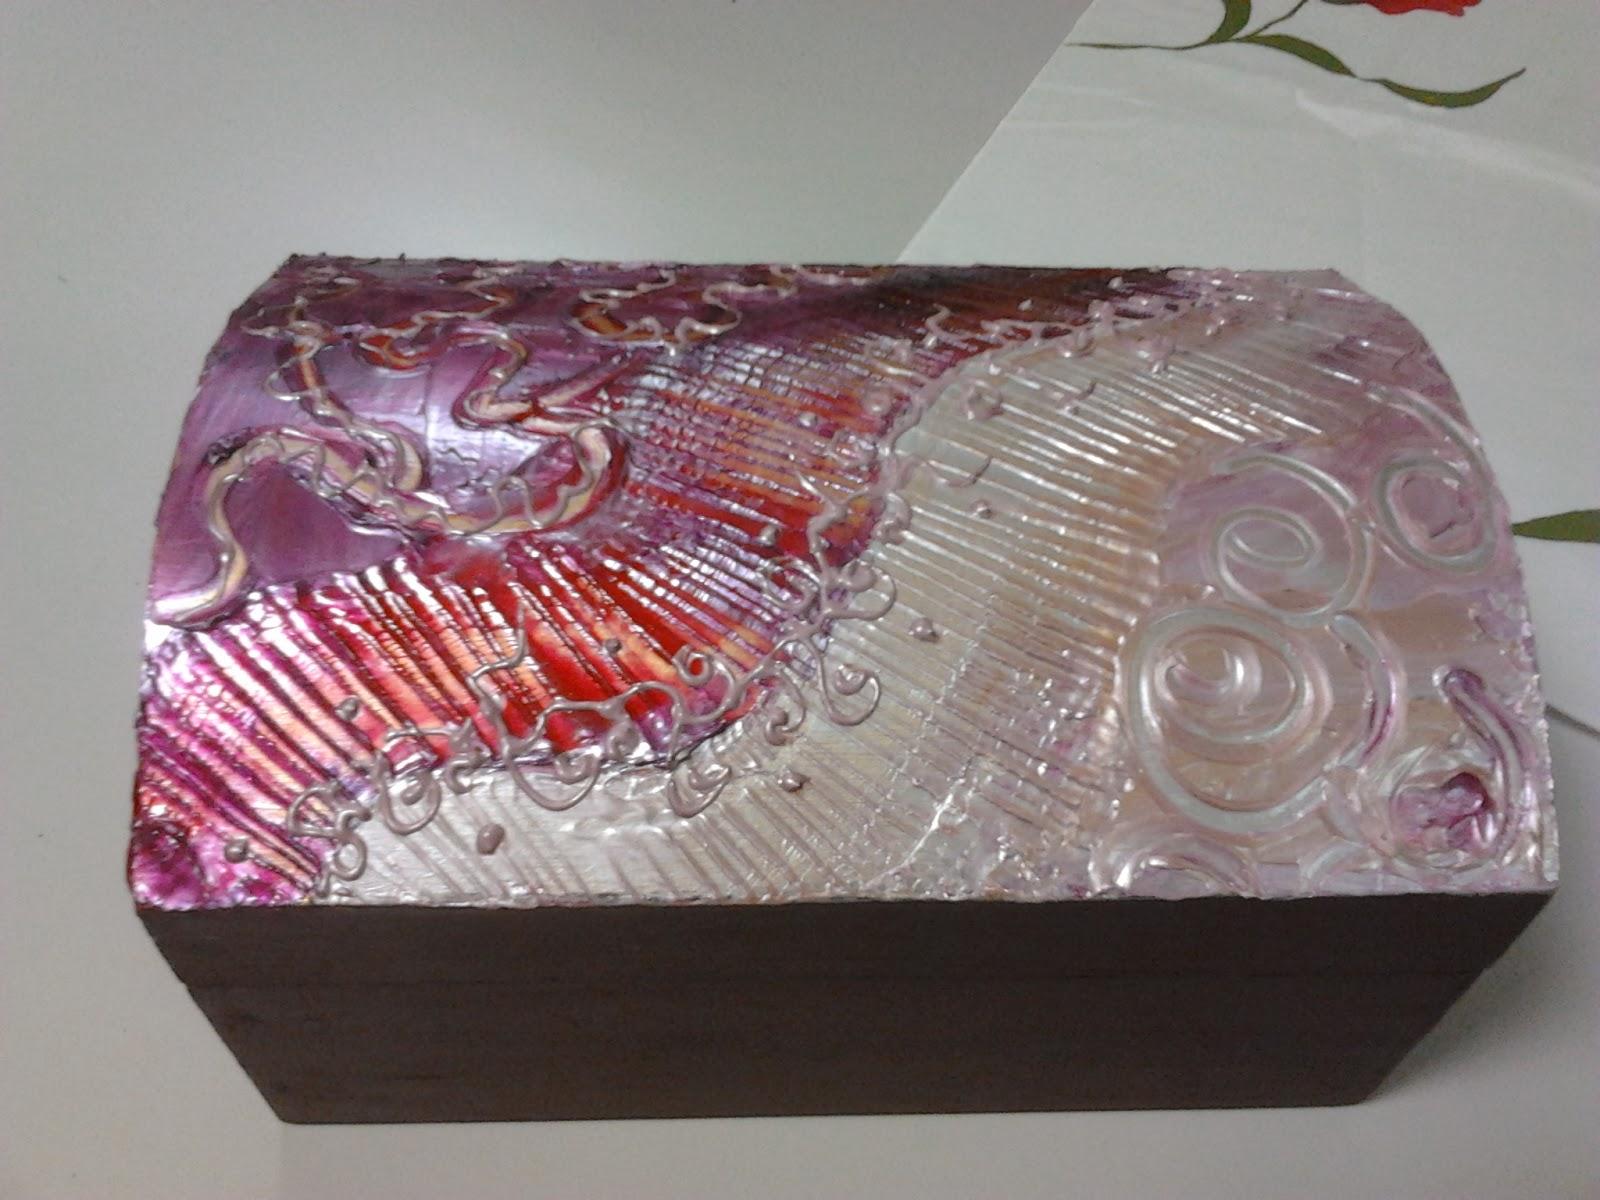 La casa de las manualidades motril cajas de madera marco - Cajas de madera manualidades ...